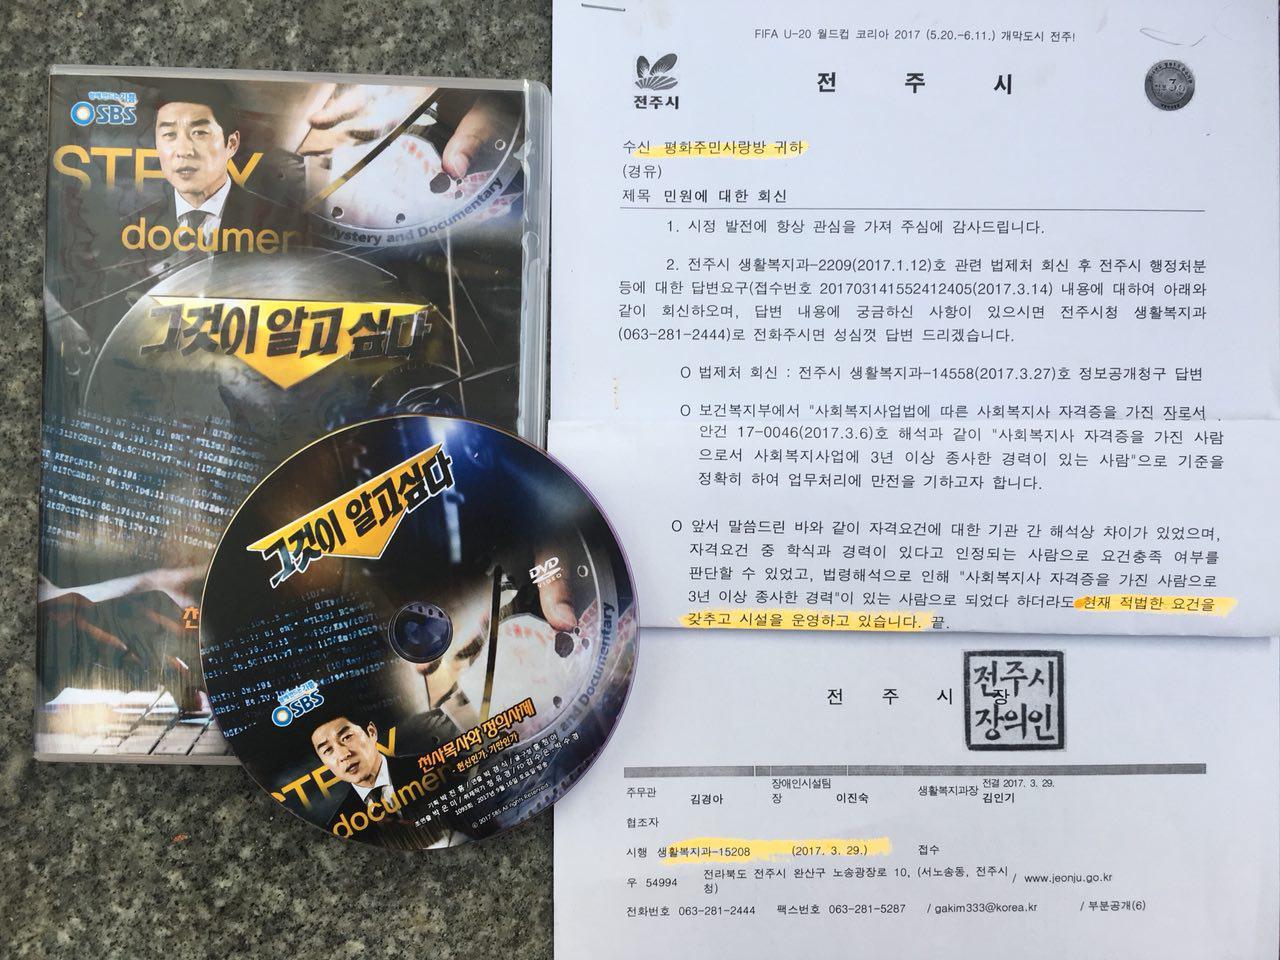 17.10.25_SBS&전주시 생활복지과-15208(2017.3.29).jpg